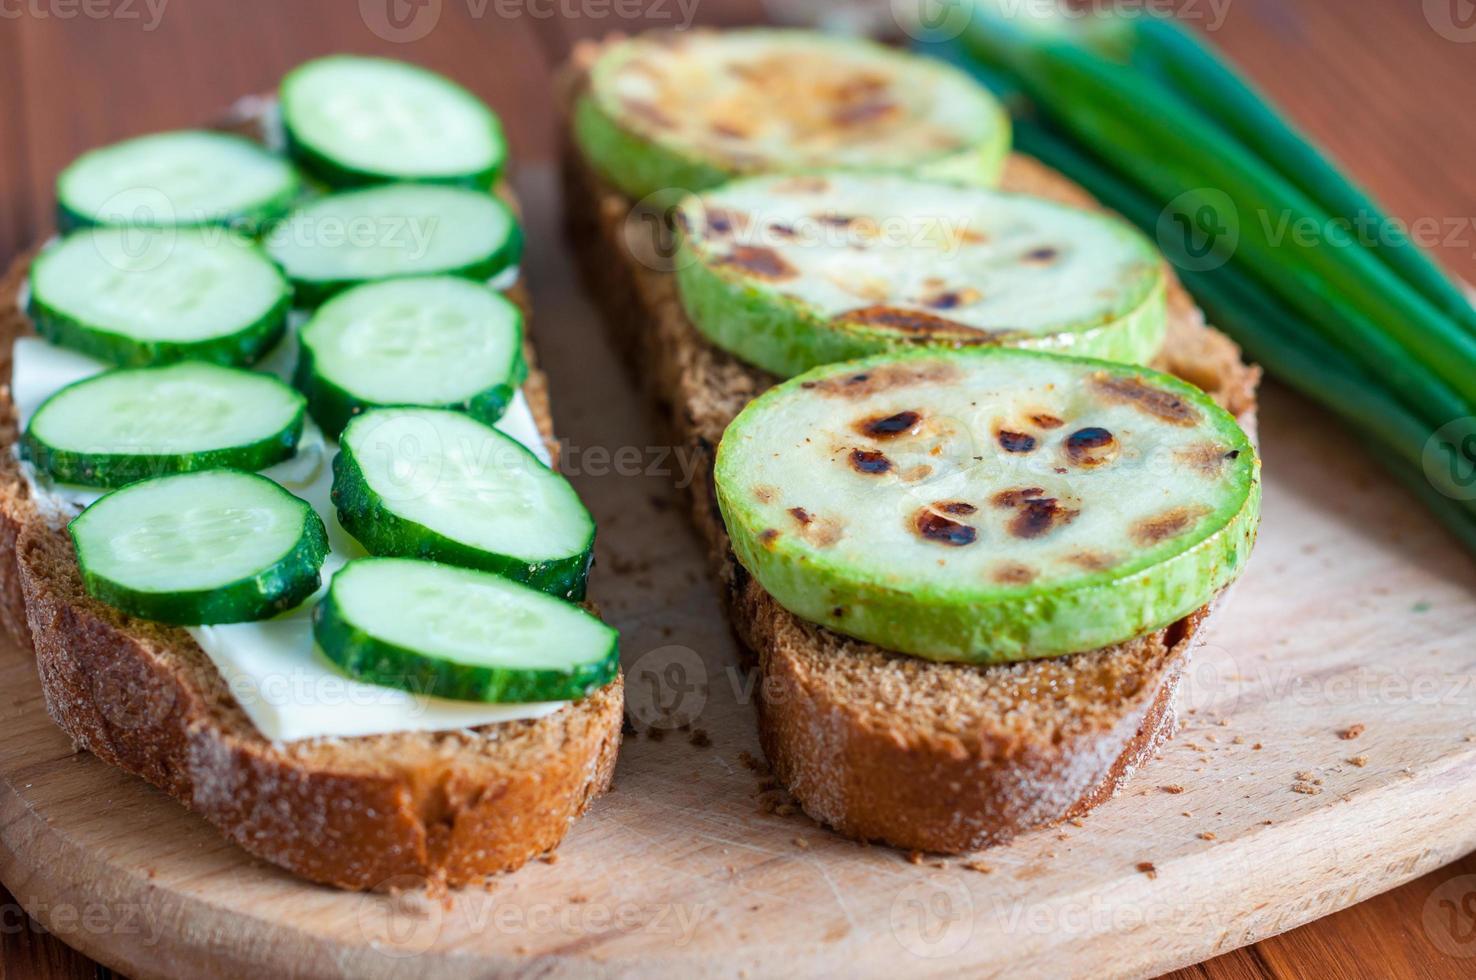 offenes Sandwich mit Butter, Gurken gegrilltem Gemüse und Grün foto